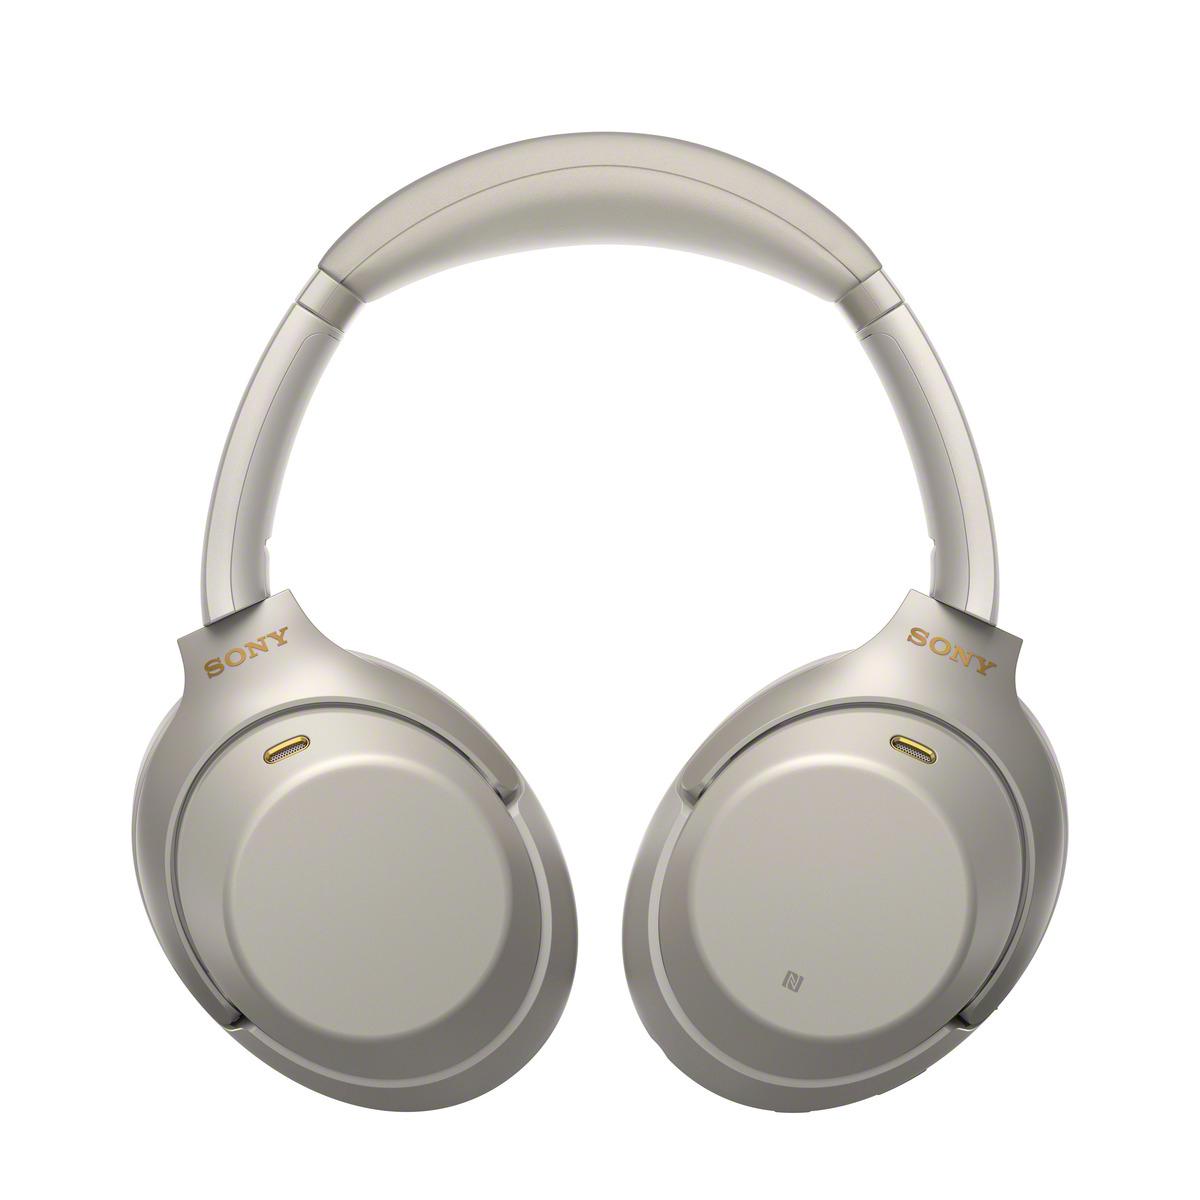 אוזניות SONY אלחוטיות דינמיות מרופדות מבטלות רעש דגם WH-1000XM3 - משלוח חינם - תמונה 4